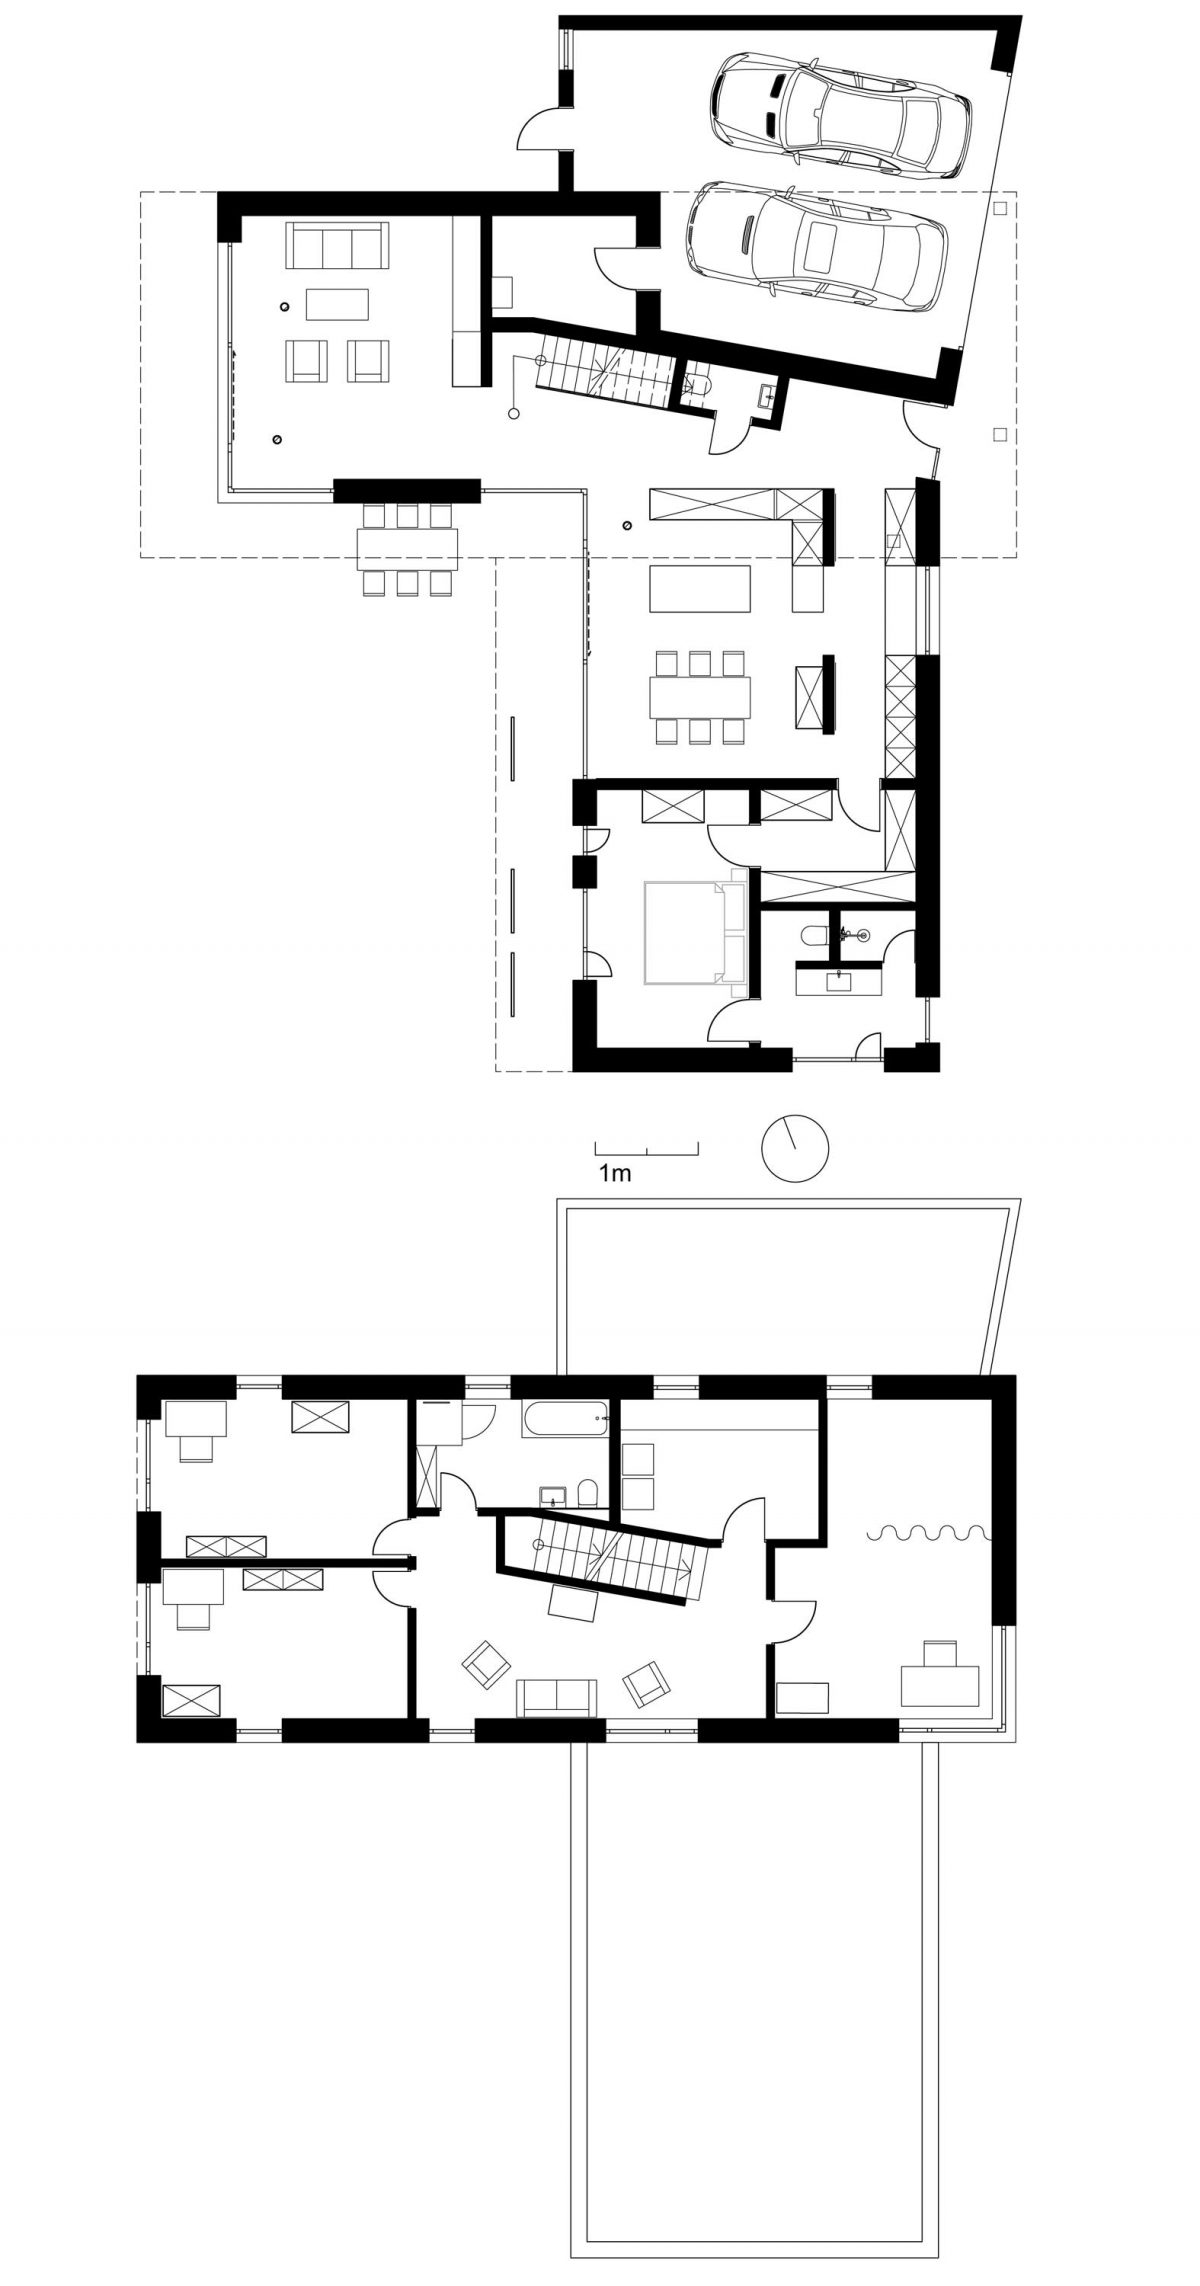 Die uebereinander gestapelten und verdrehten Grundrisse des Erd- und Obergeschosses des Einfamilienhauses